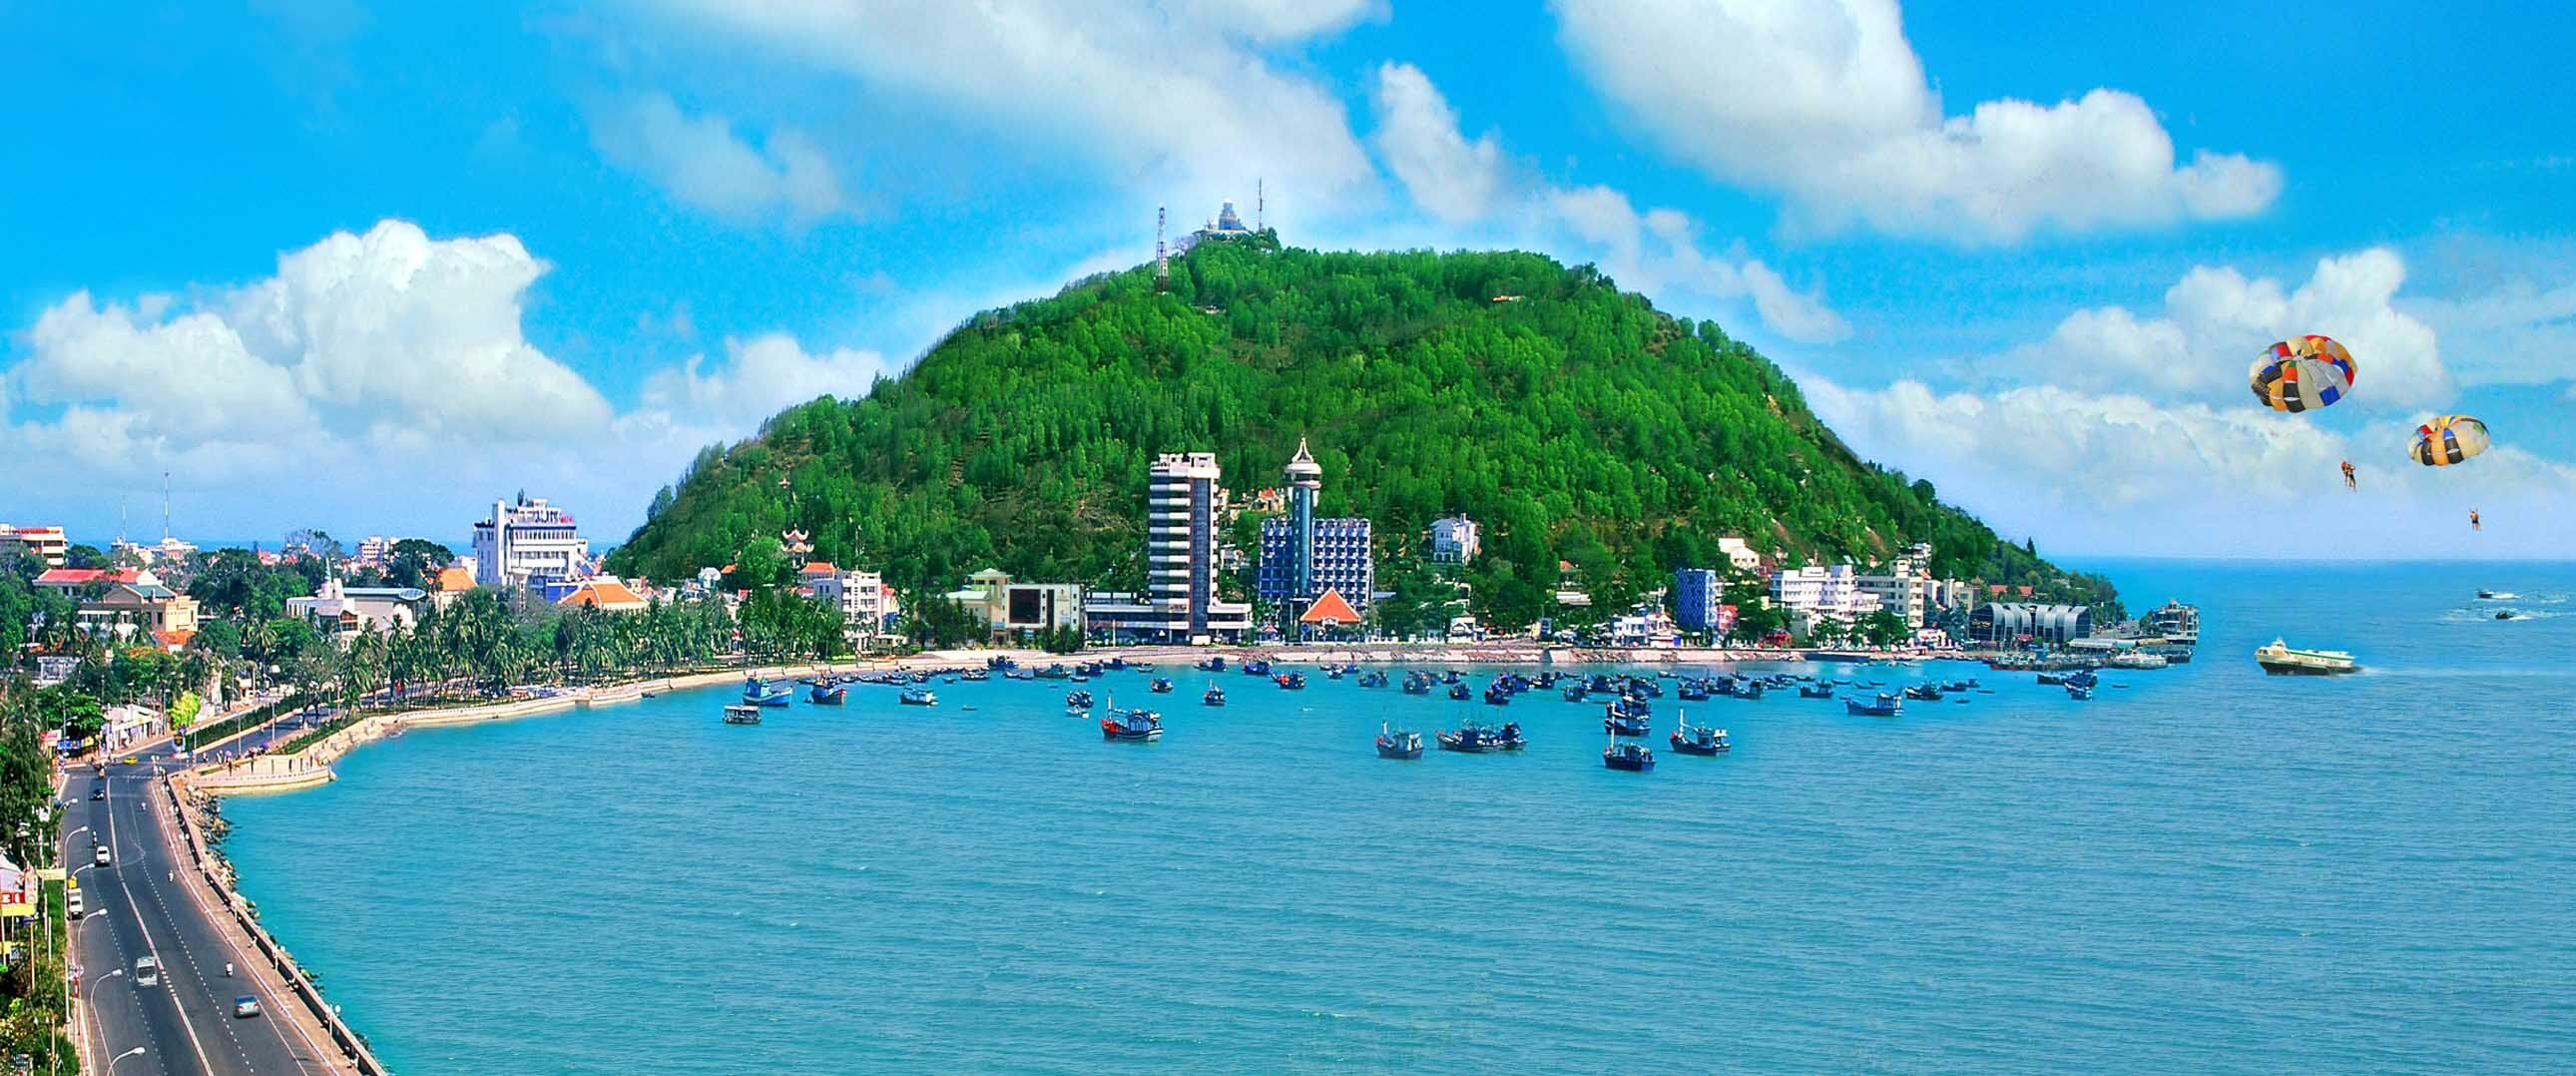 Tour du lịch TP.Hồ Chí Minh - Vũng Tàu